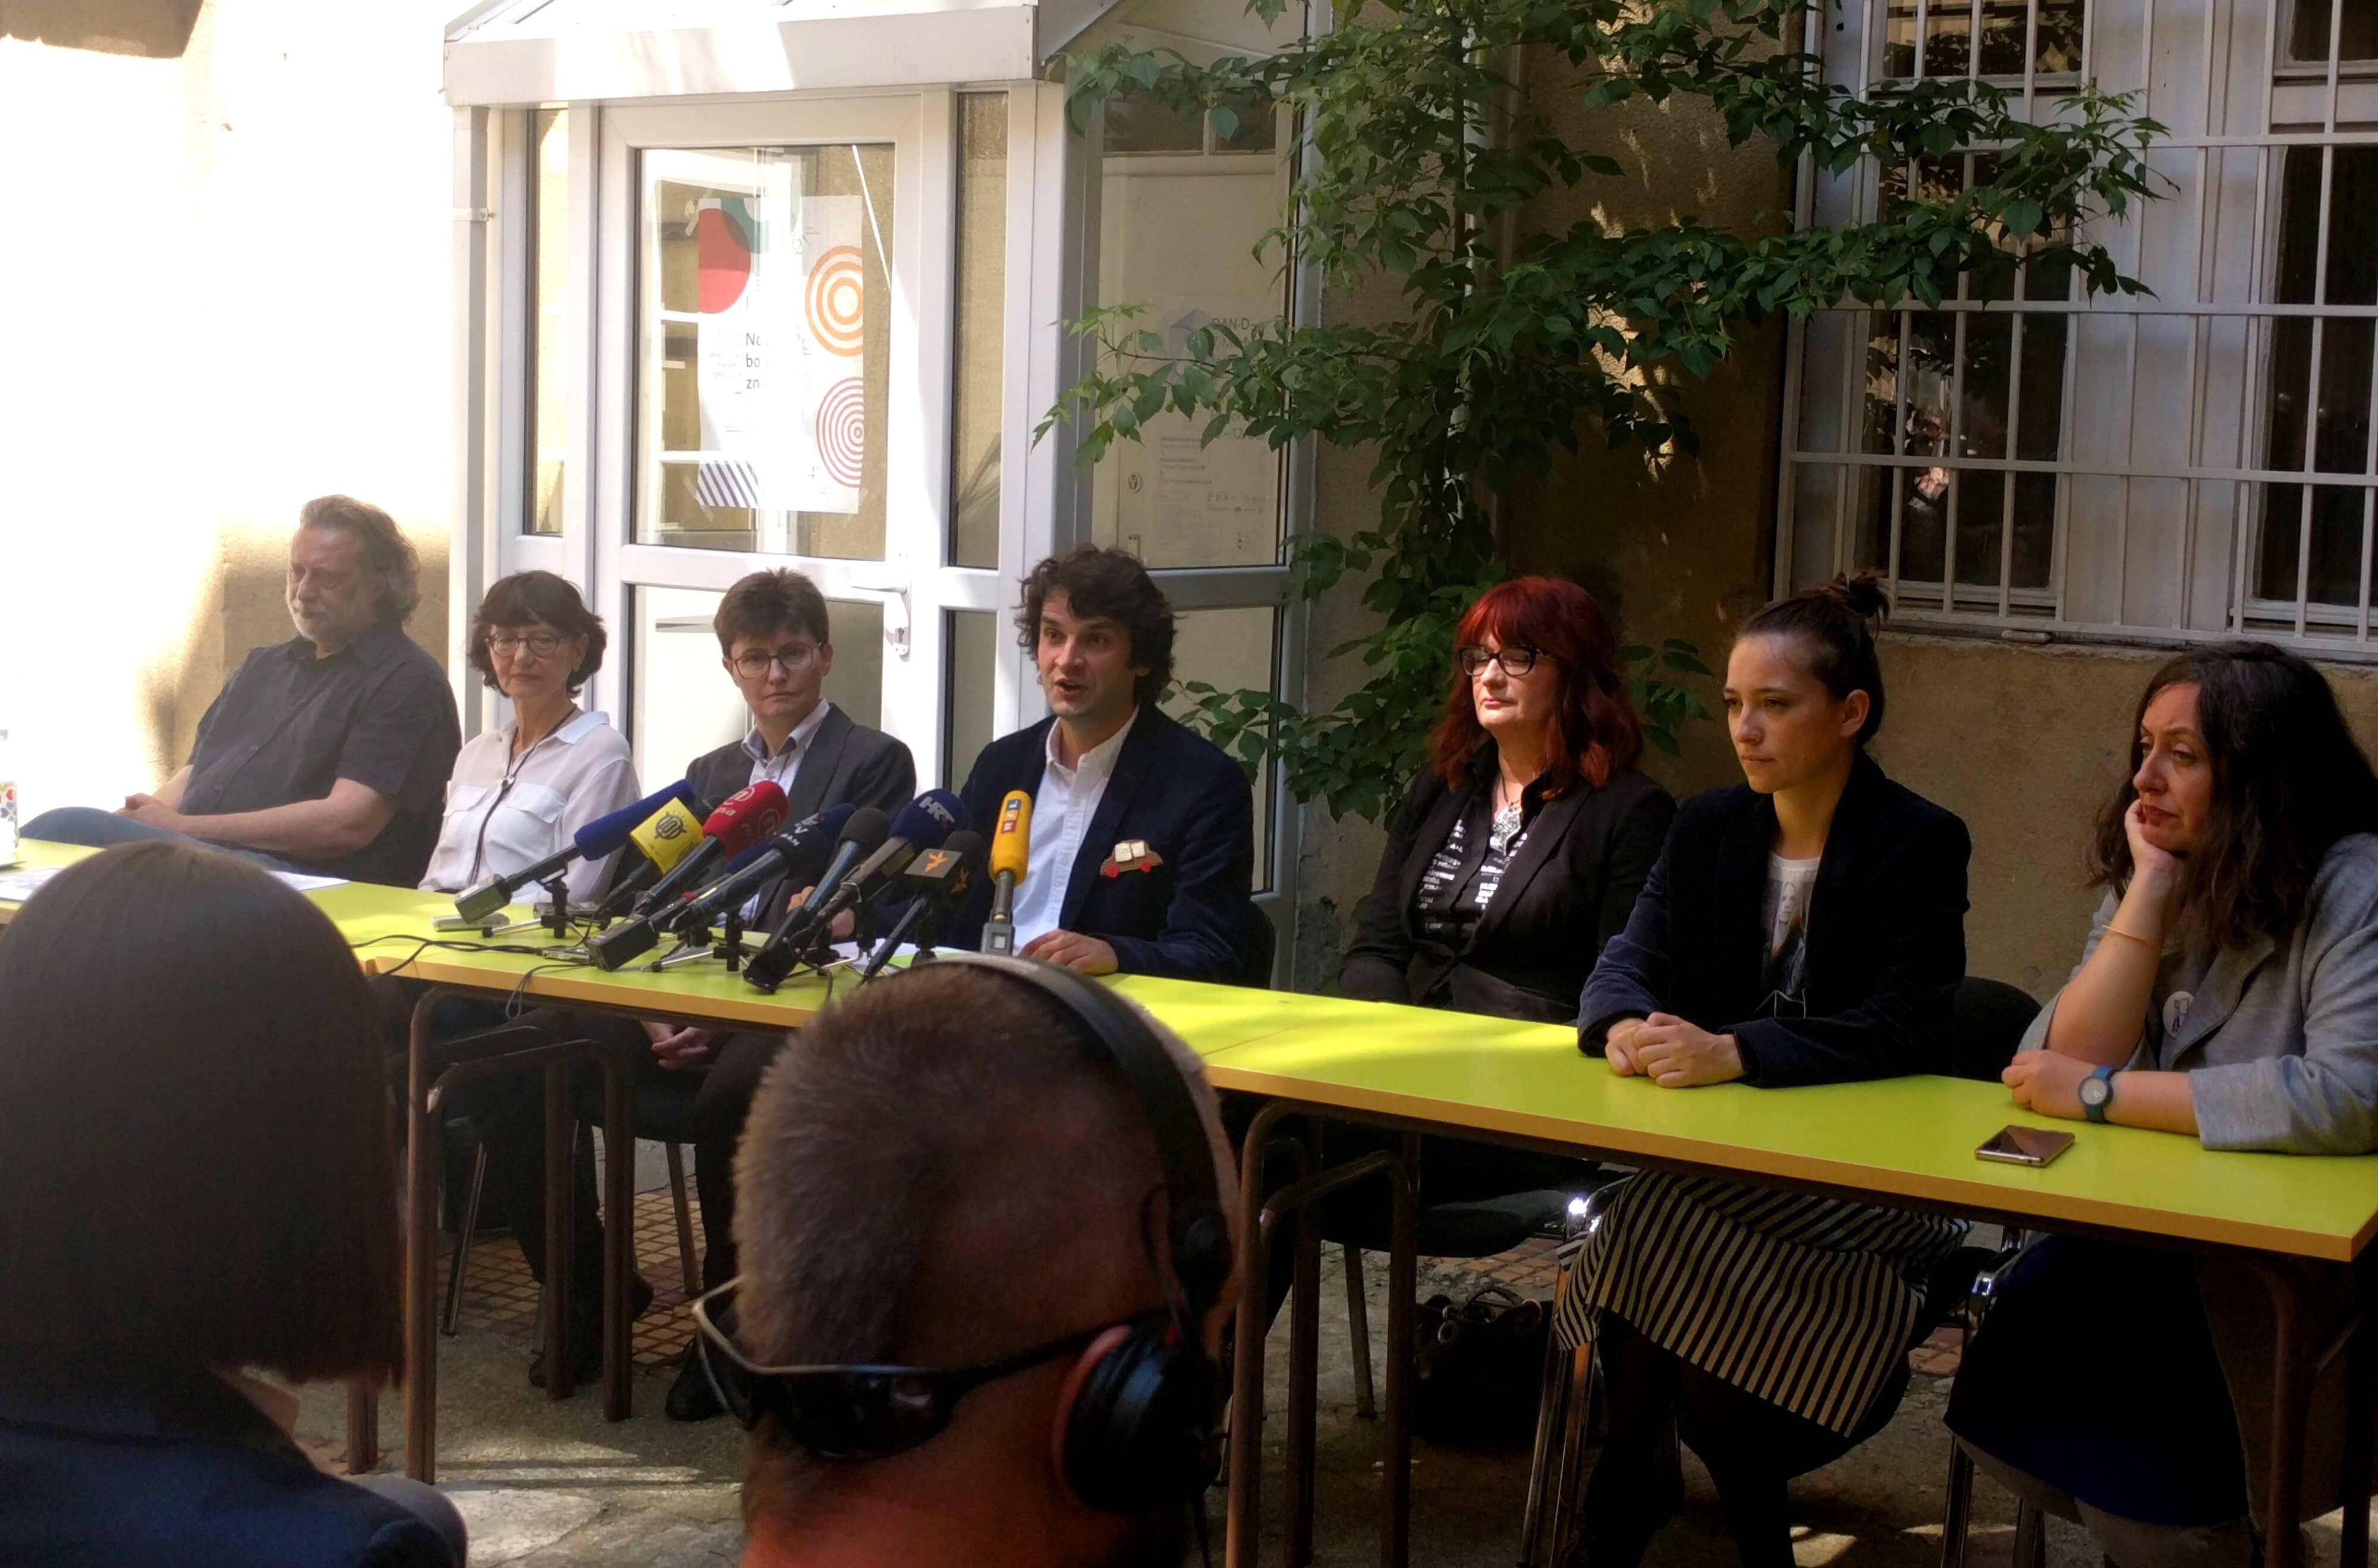 Međunarodne recenzije potvrdile: Jokić i suradnici izradili kvalitetne dokumente u Cjelovitoj kurikularnoj reformi